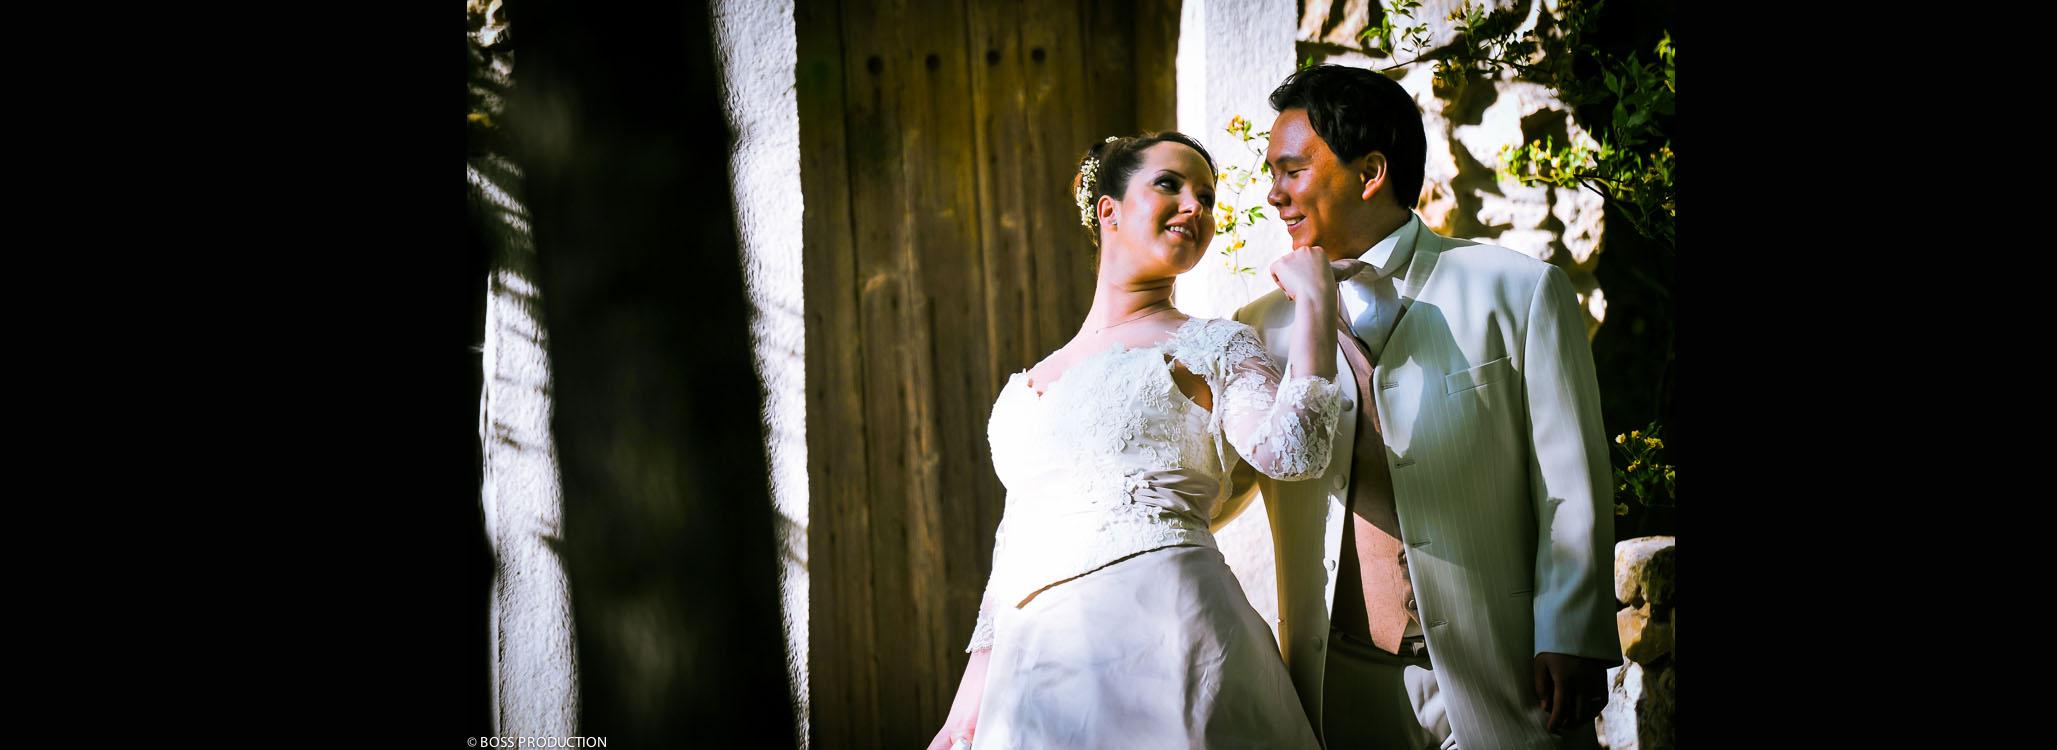 BOSS-PROD-MARIAGE-16